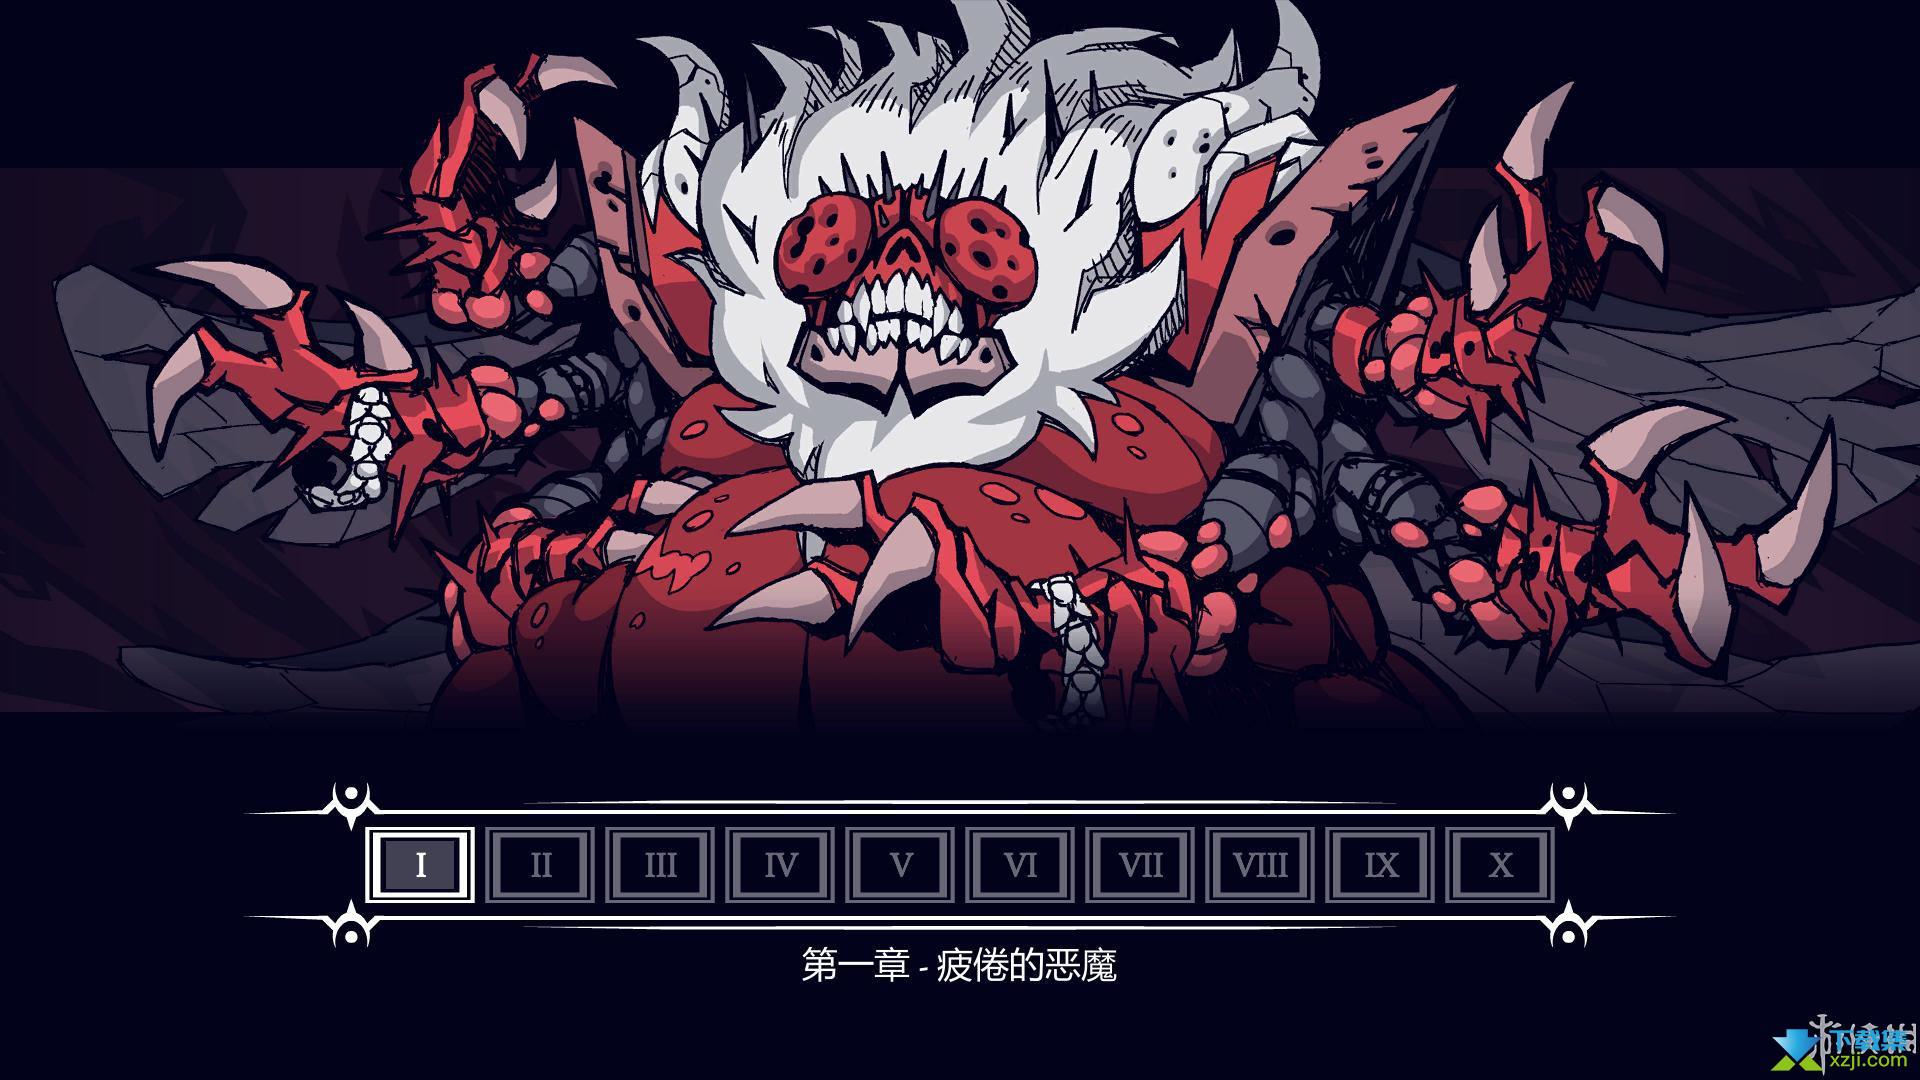 地狱把妹王界面4